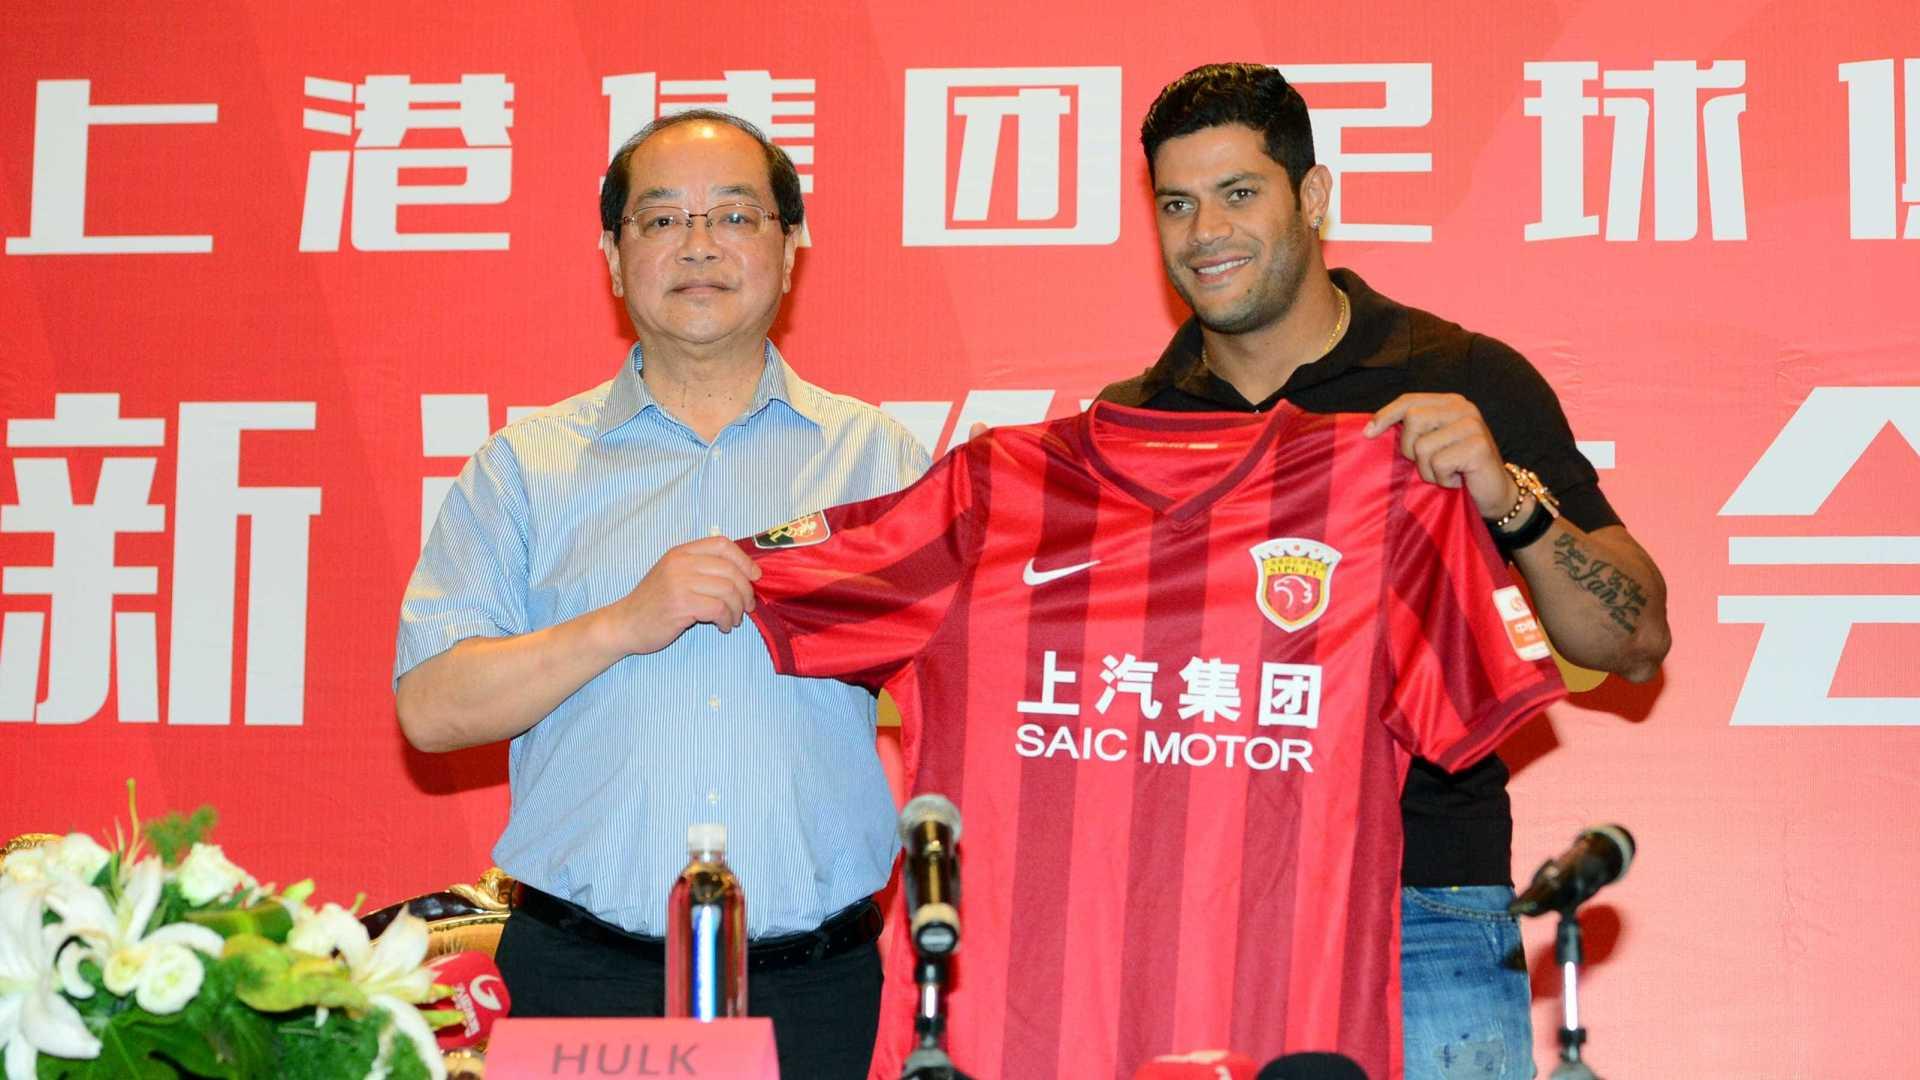 - Liga Chinesa - Federação chinesa impõe tecto salarial e limites a bónus pagos por clubes